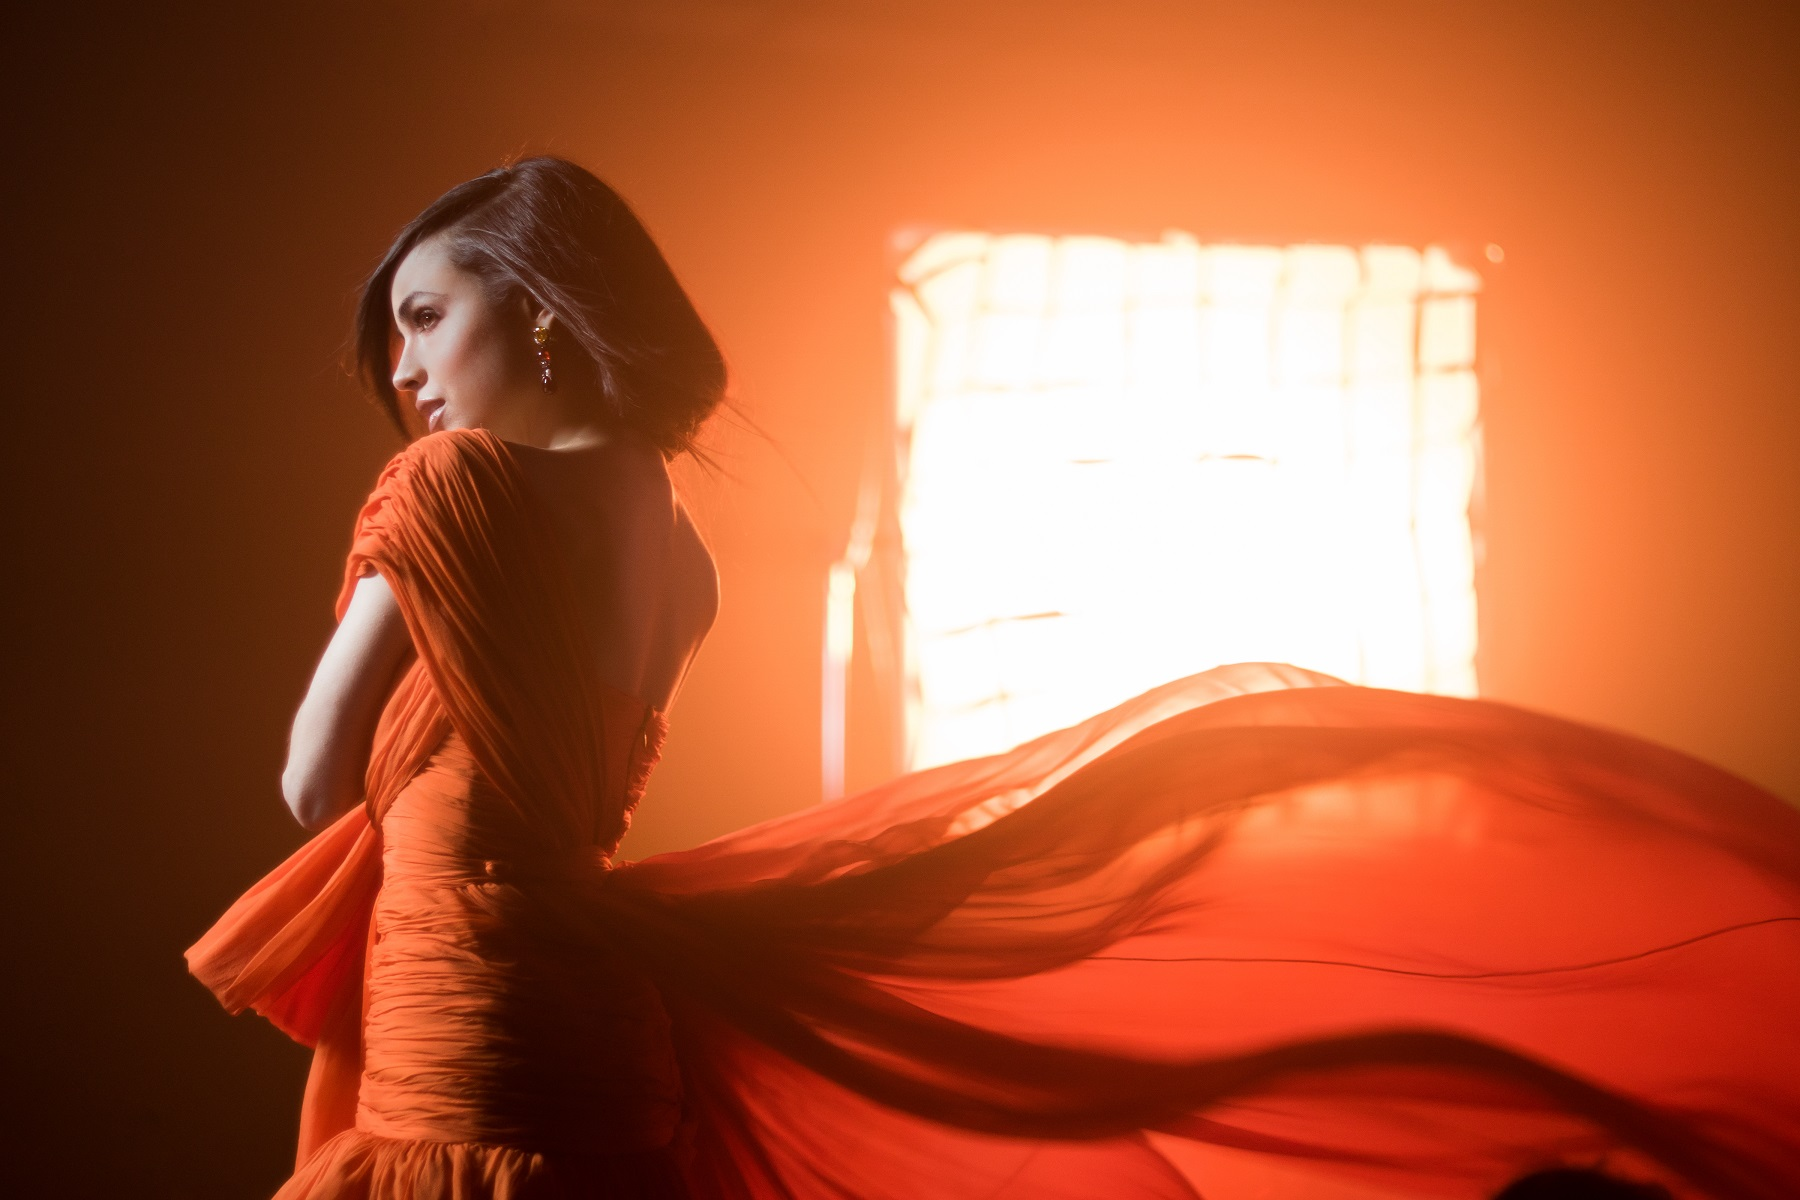 """Ya se encuentra disponible el video musical completo del tema """"Ciclo sin Fin"""" de El Rey León, interpretado por Sofía Carson"""